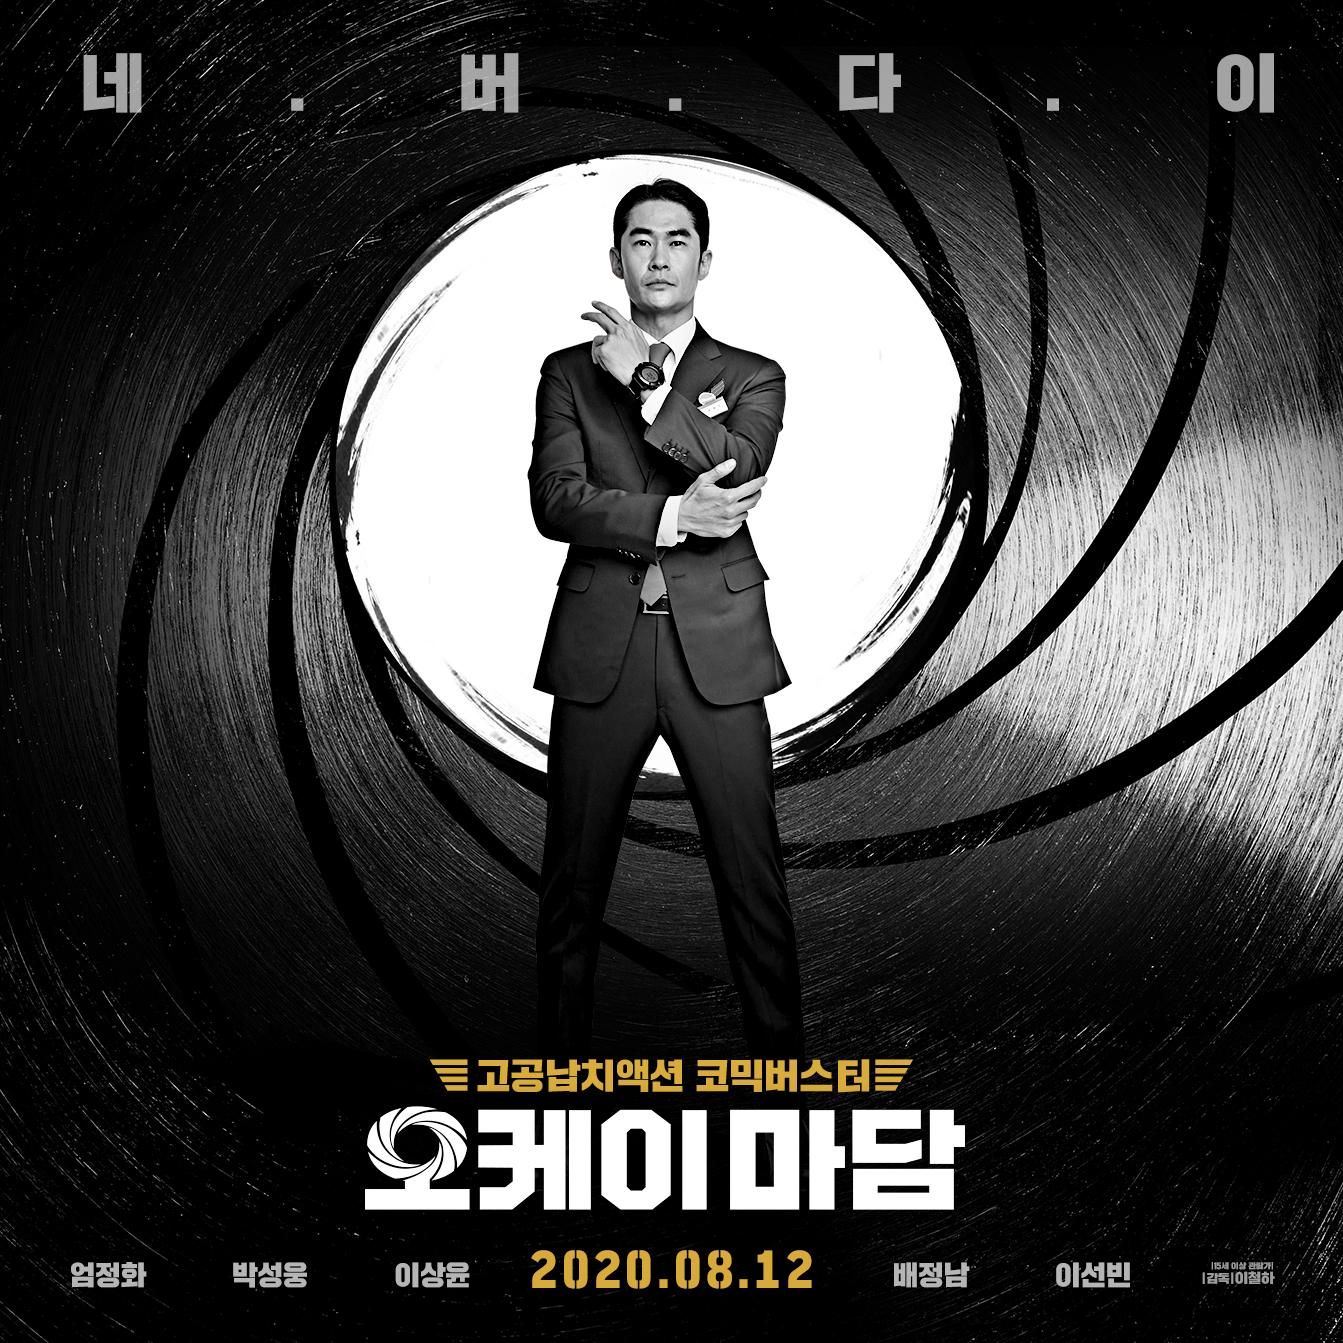 영화 '오케이마담'  '007' 패러디 포스터 공개! 배정남 완벽한 수트핏 뽐내